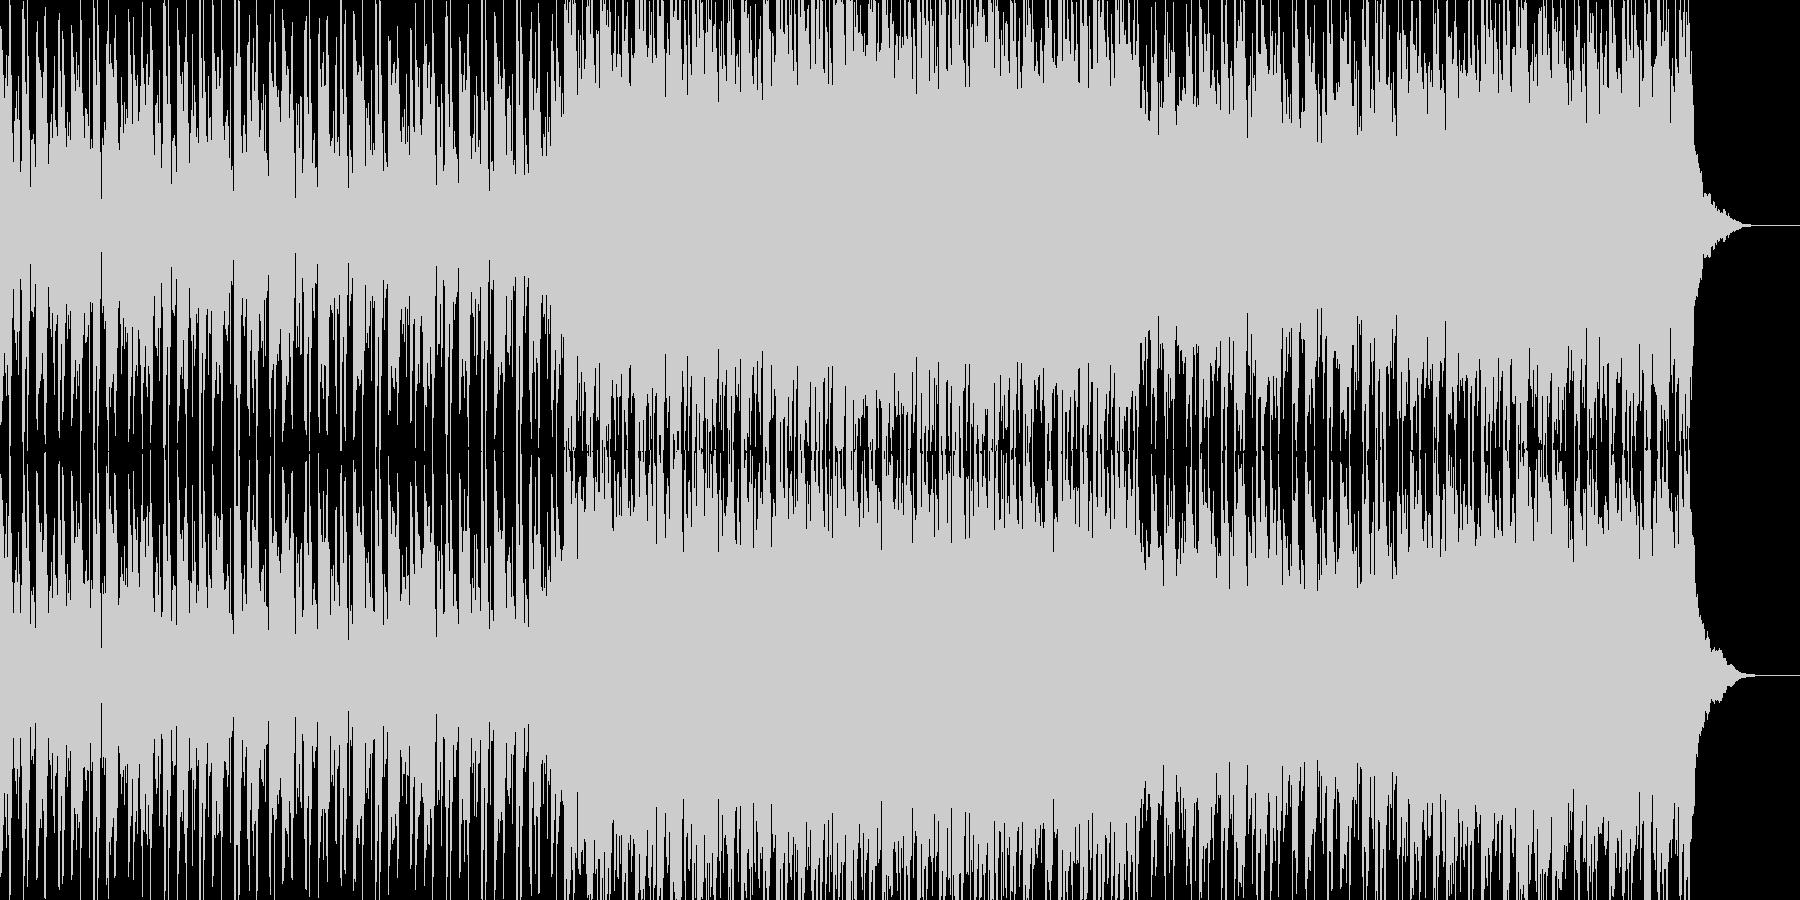 ポップなテーマの曲の未再生の波形